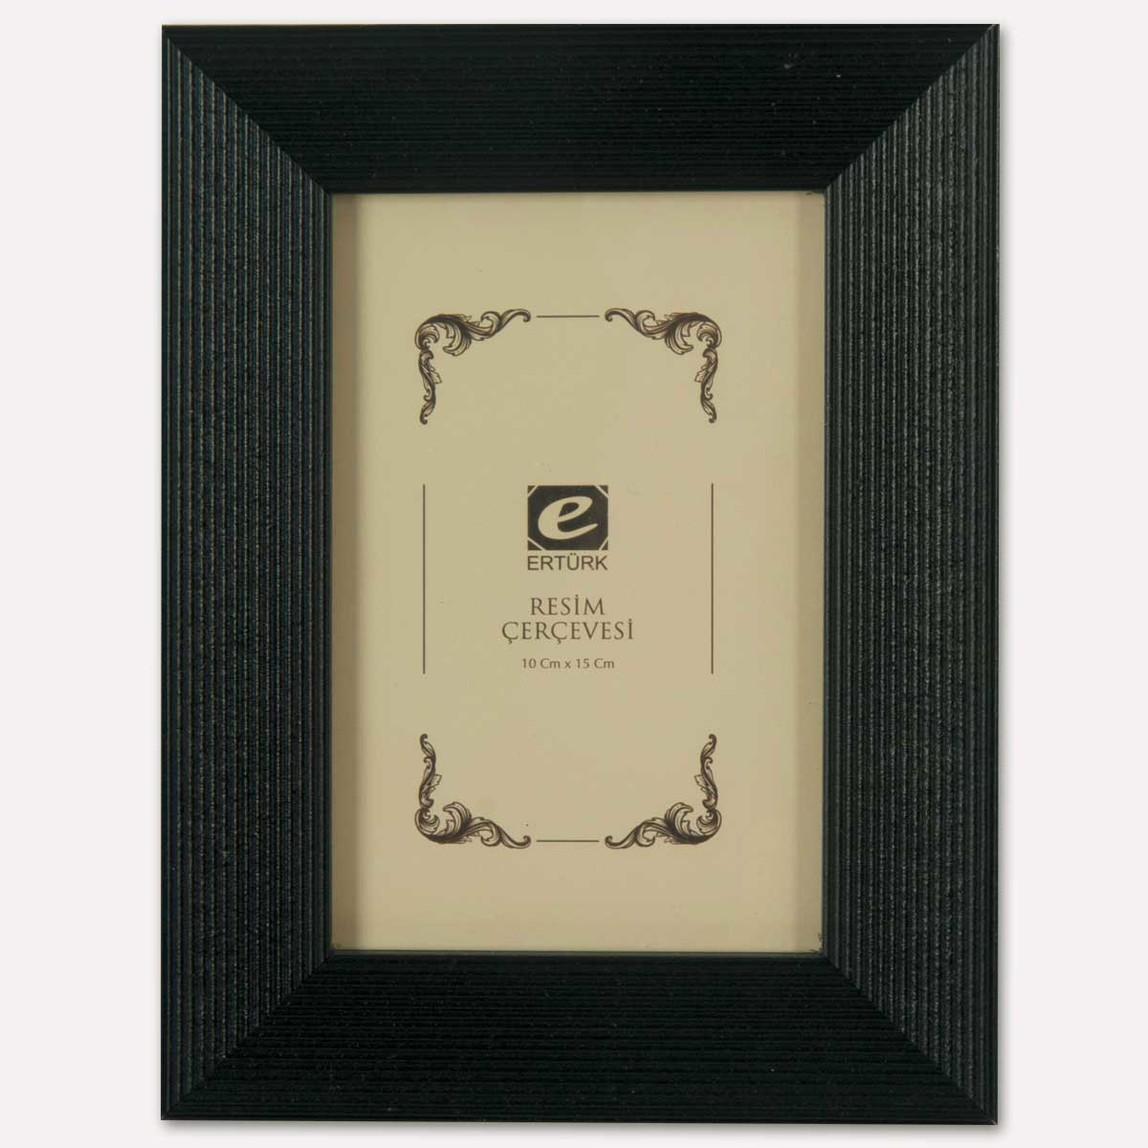 10x15 cm Çizgili Resim Çerçevesi